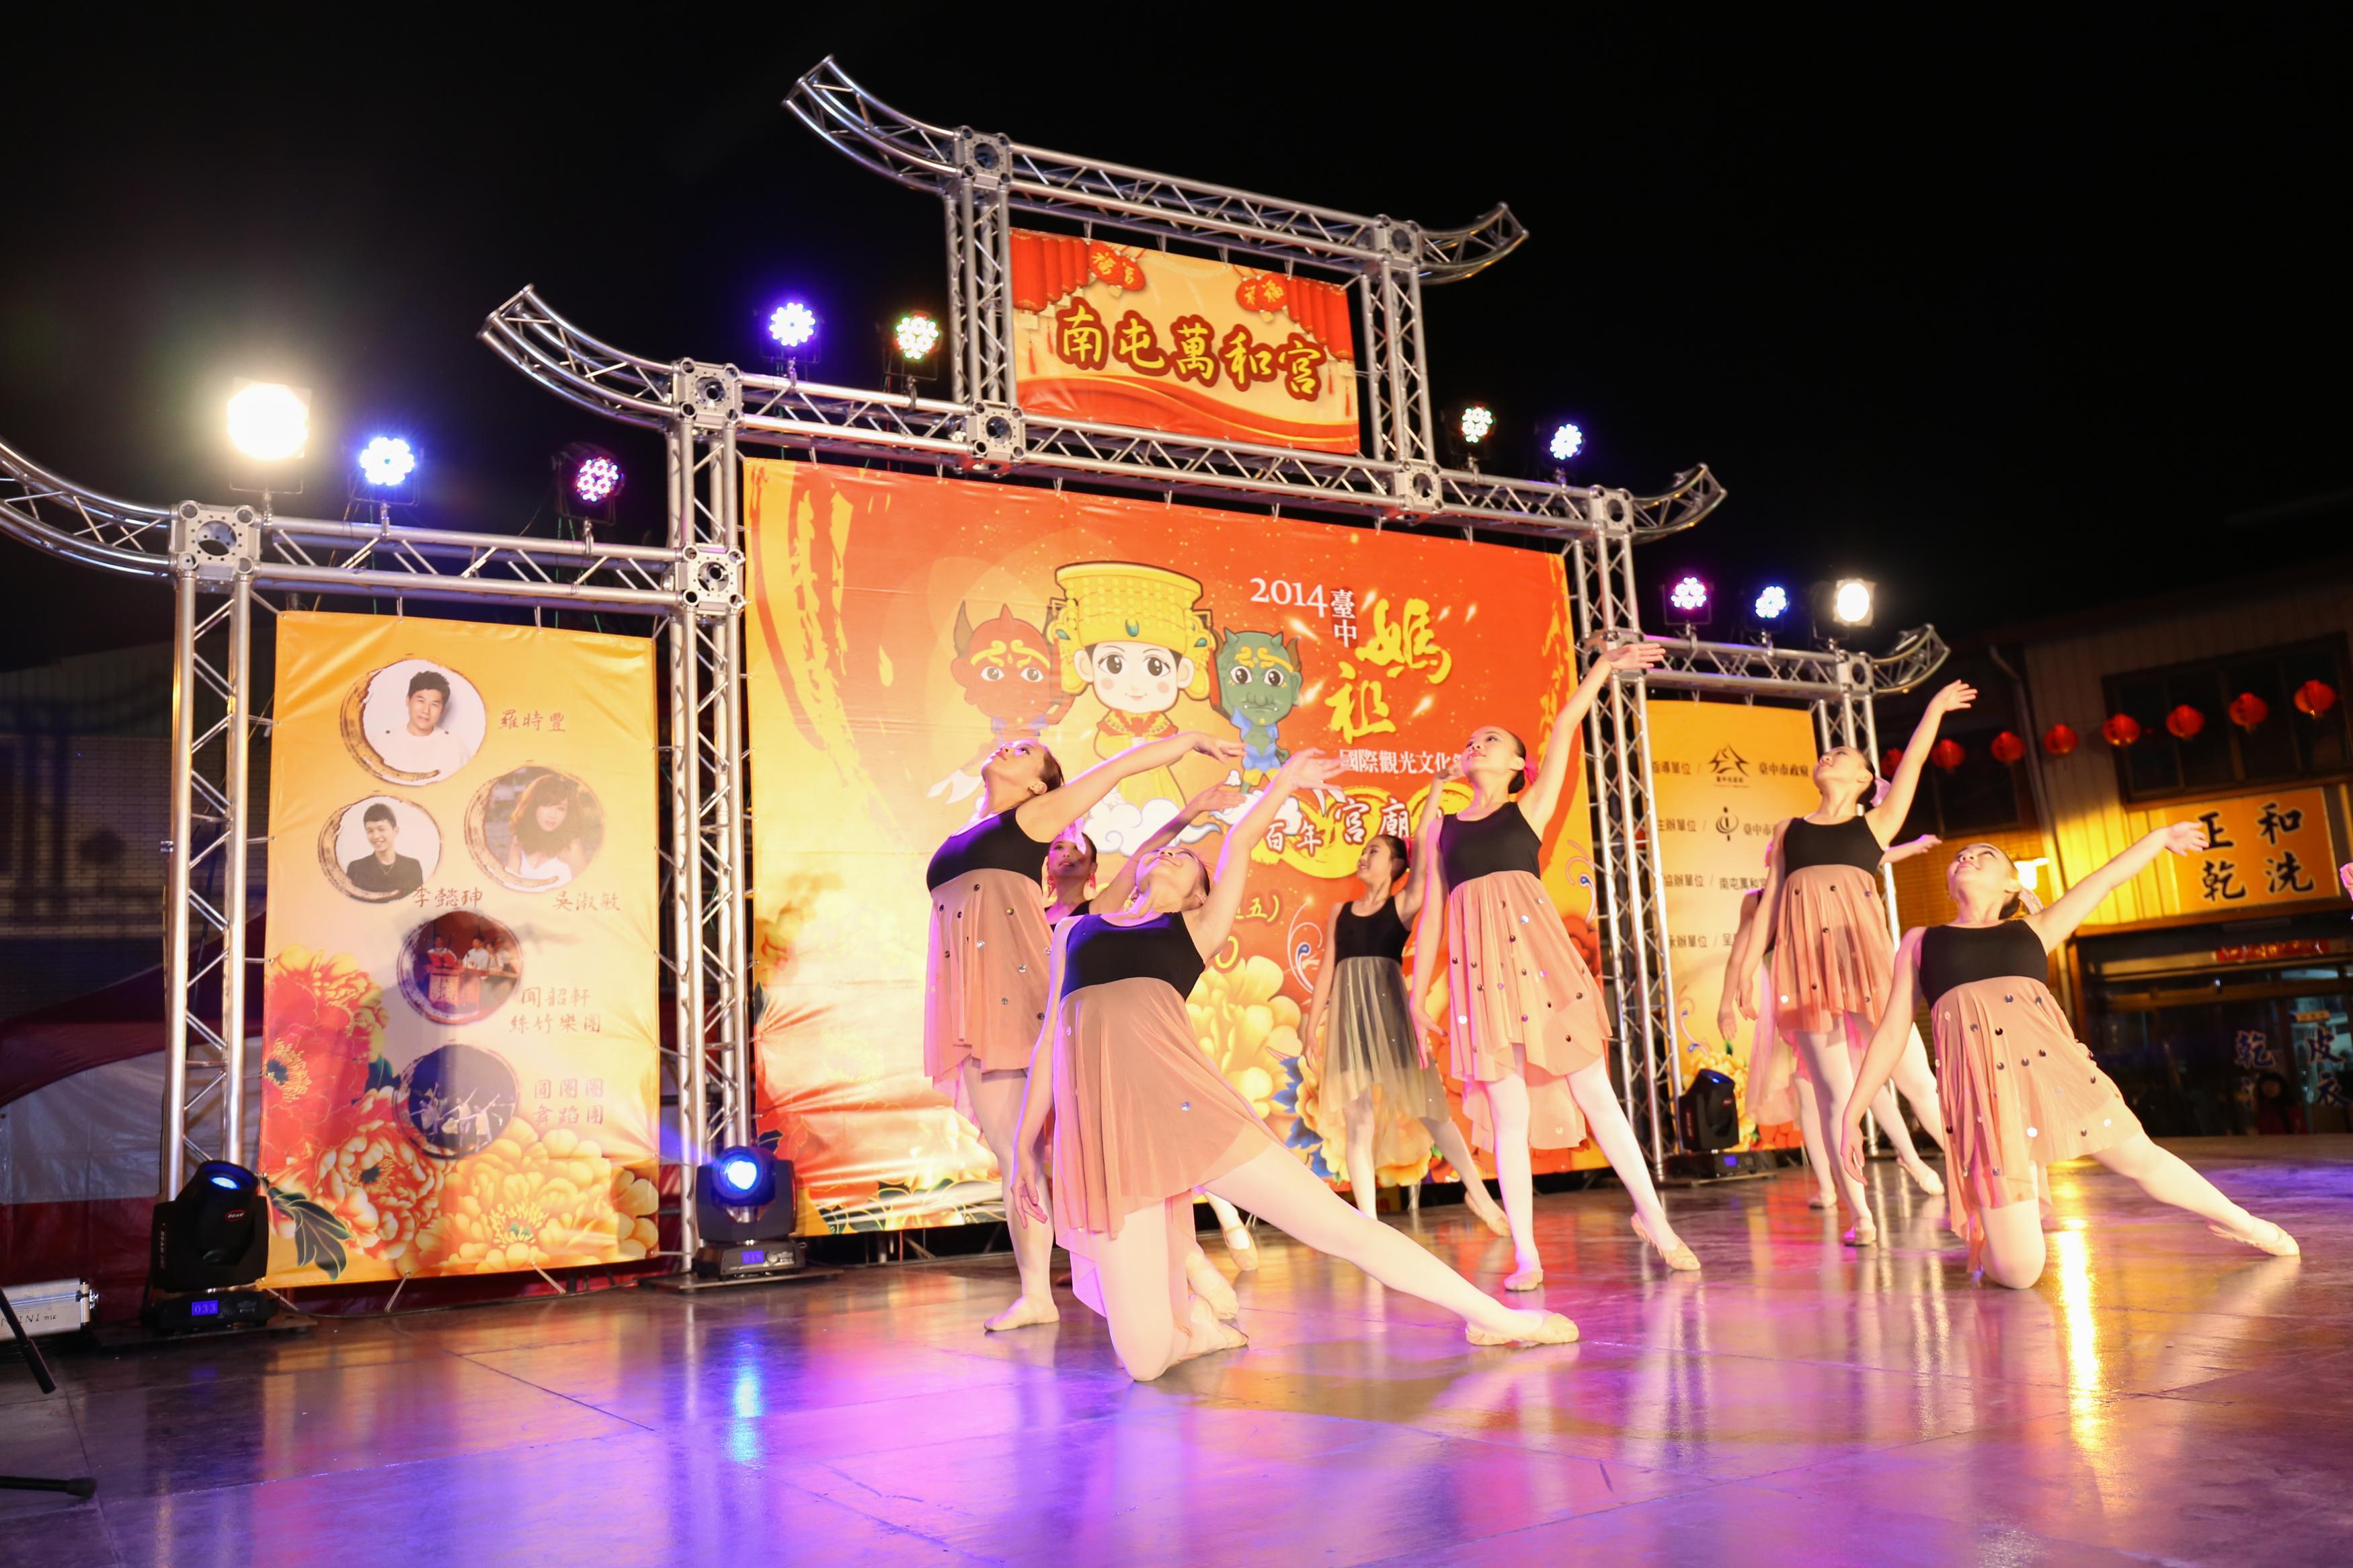 台中媽祖國際觀光文化節在萬和宮,台中婚錄推薦13